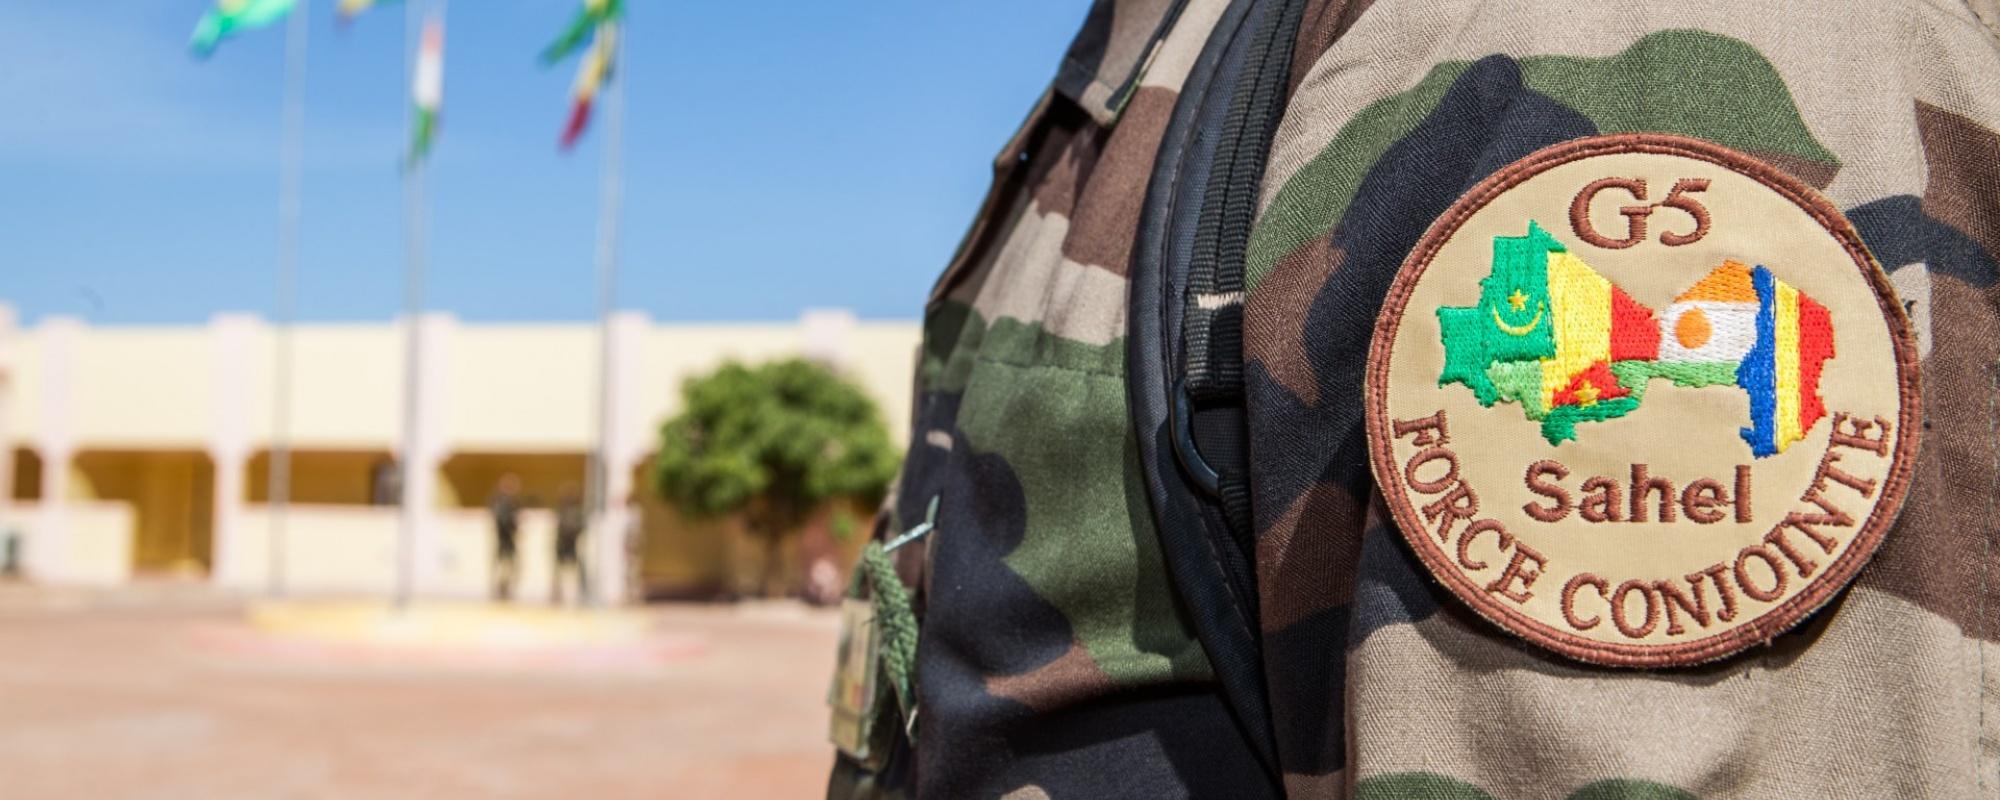 Le ministre de la Défense nationale reçoit l'envoyé spécial de l'Union Européenne au Sahel